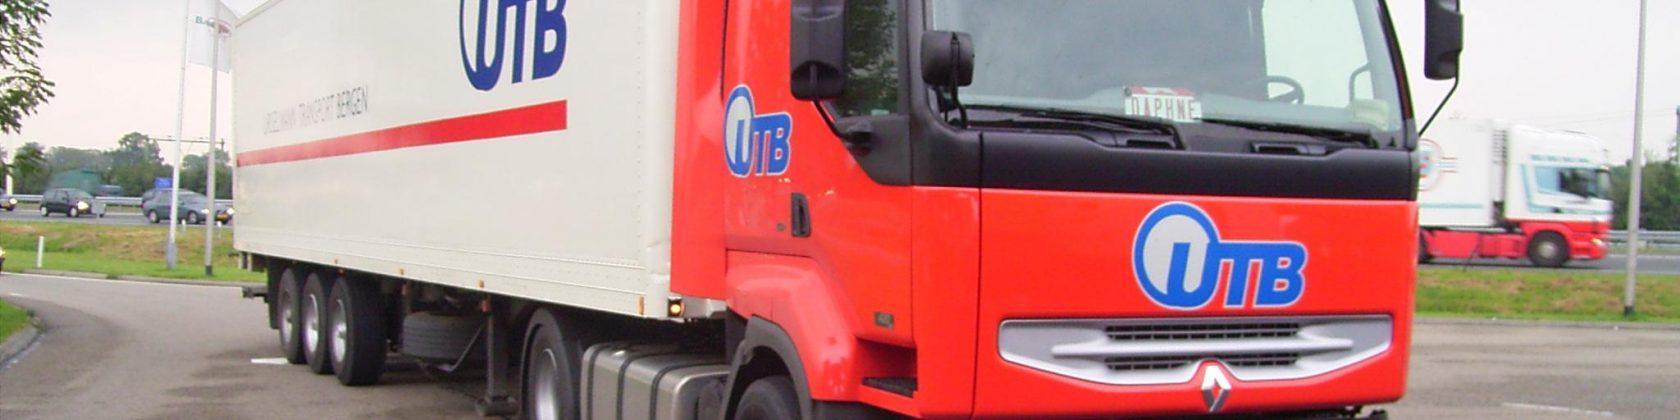 Urselmann Transport Bergen